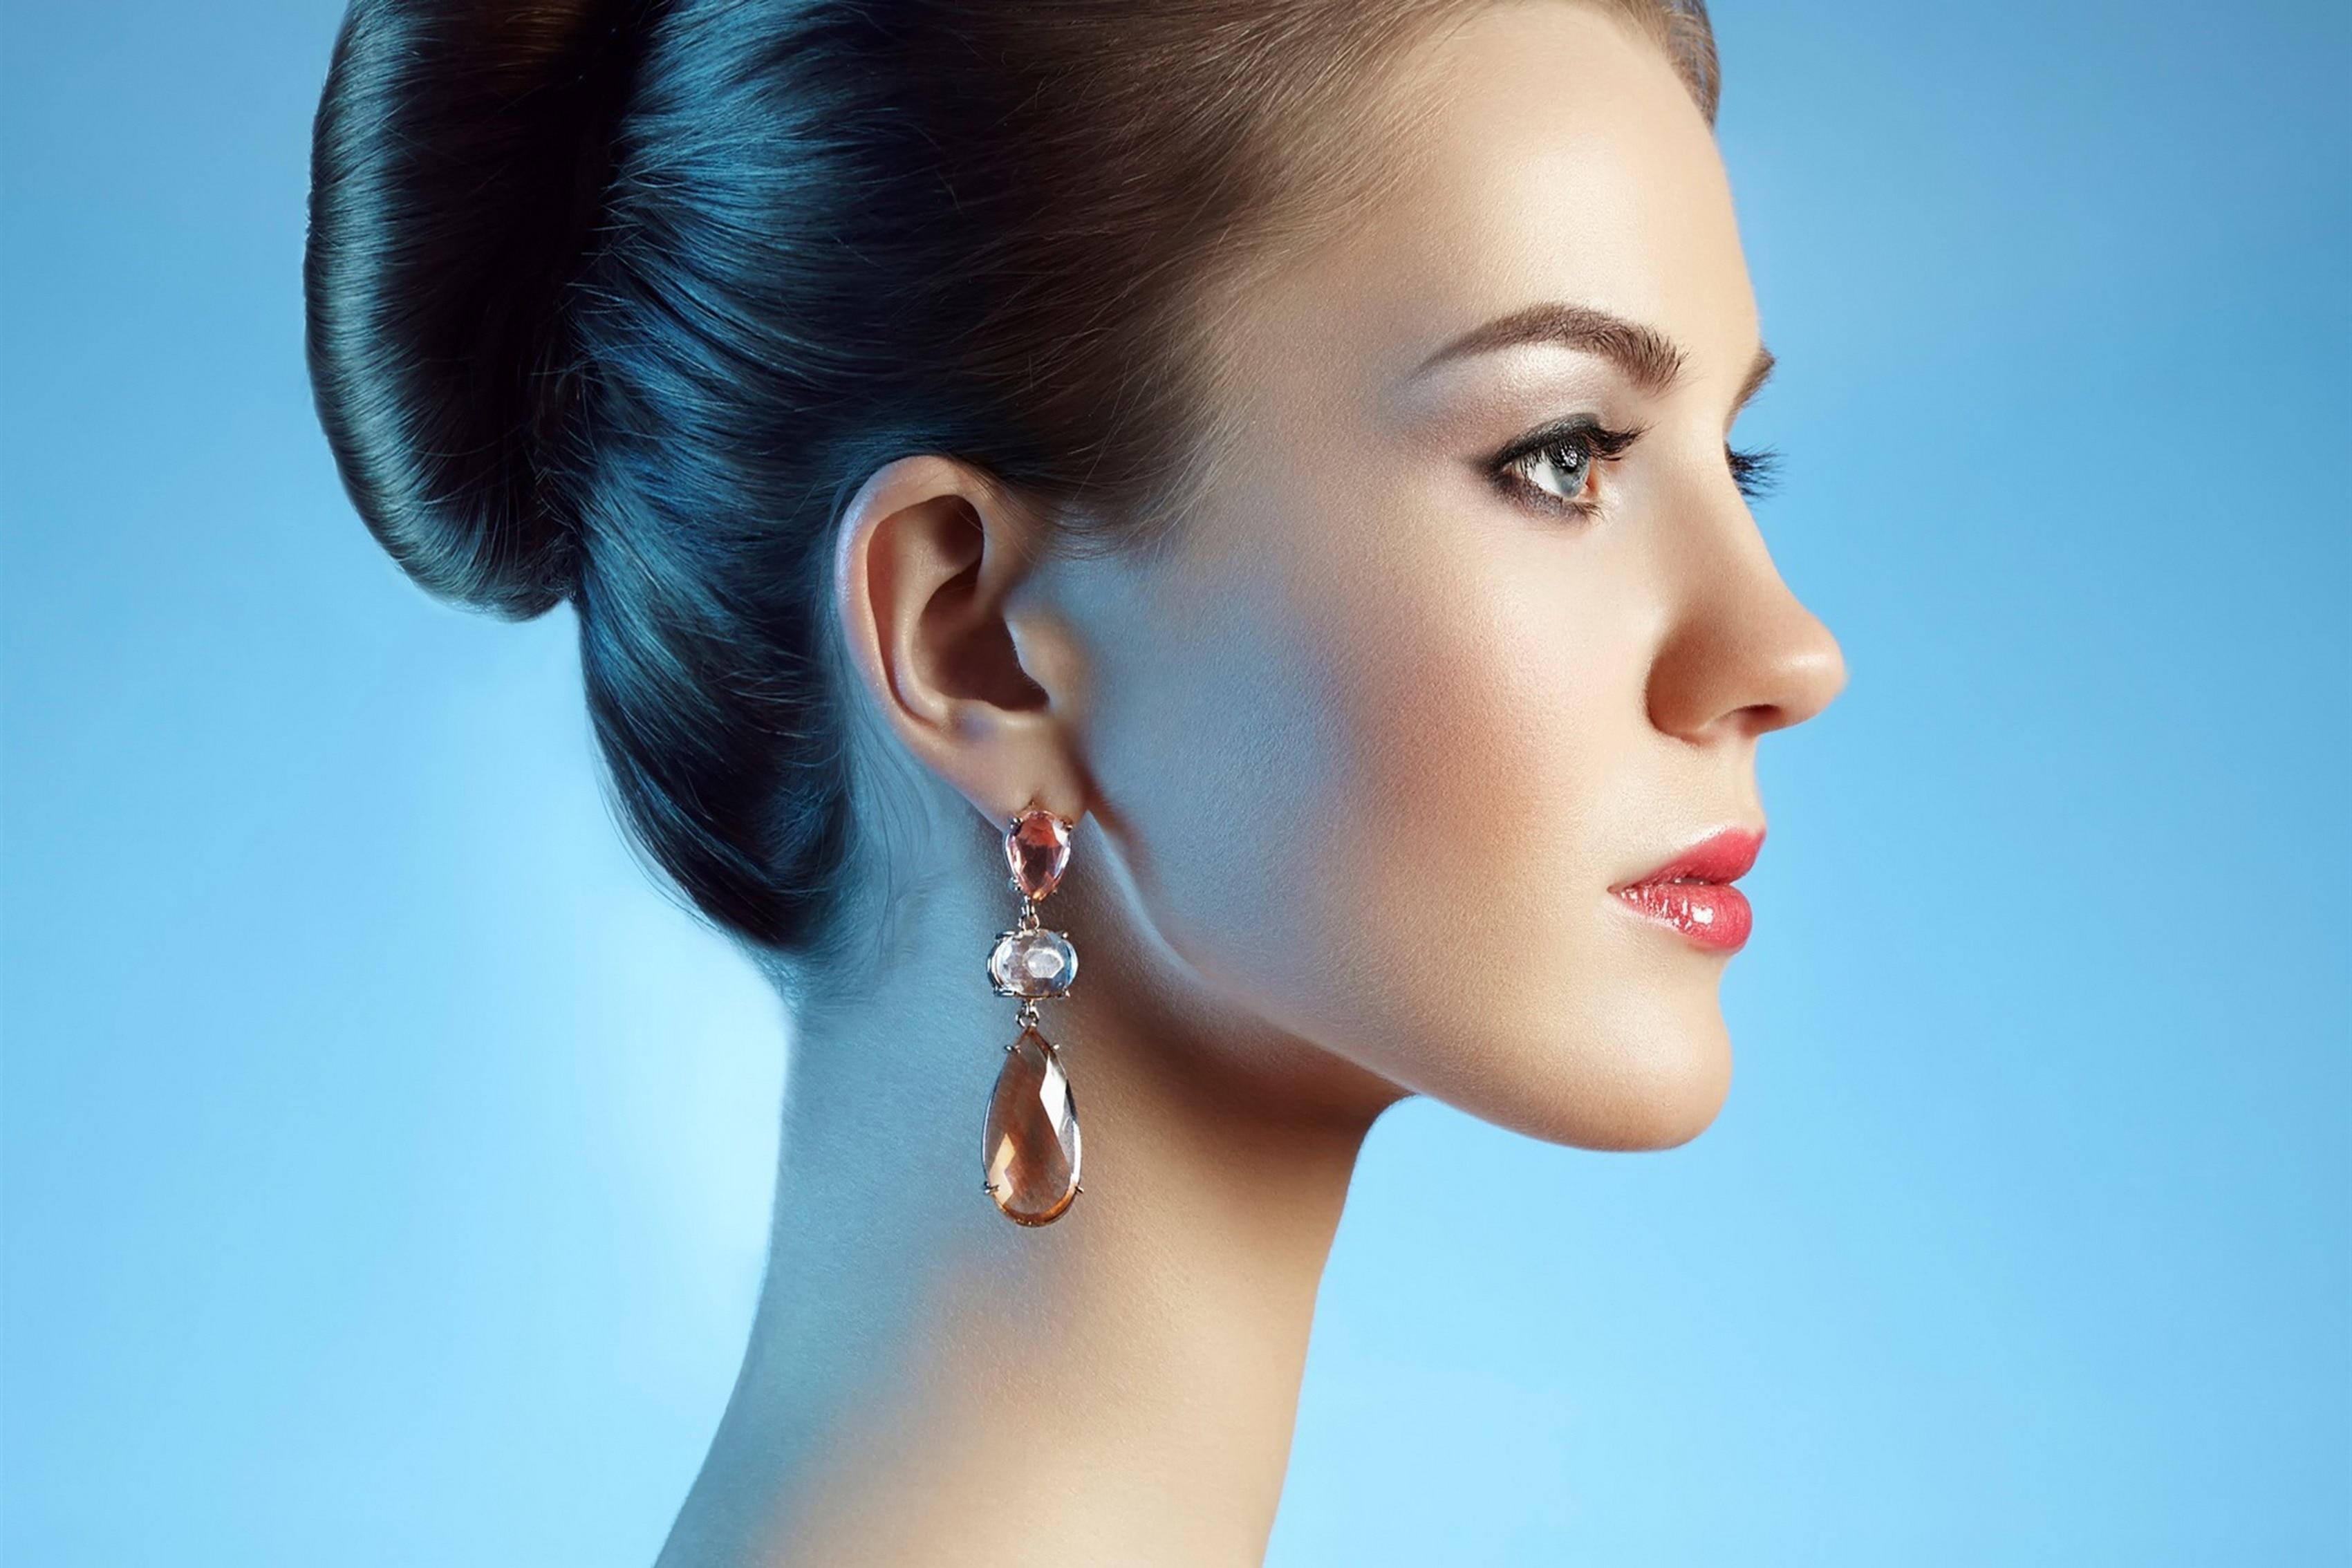 Fashion Beautiful Graceful Woman Girl Side View Earrings